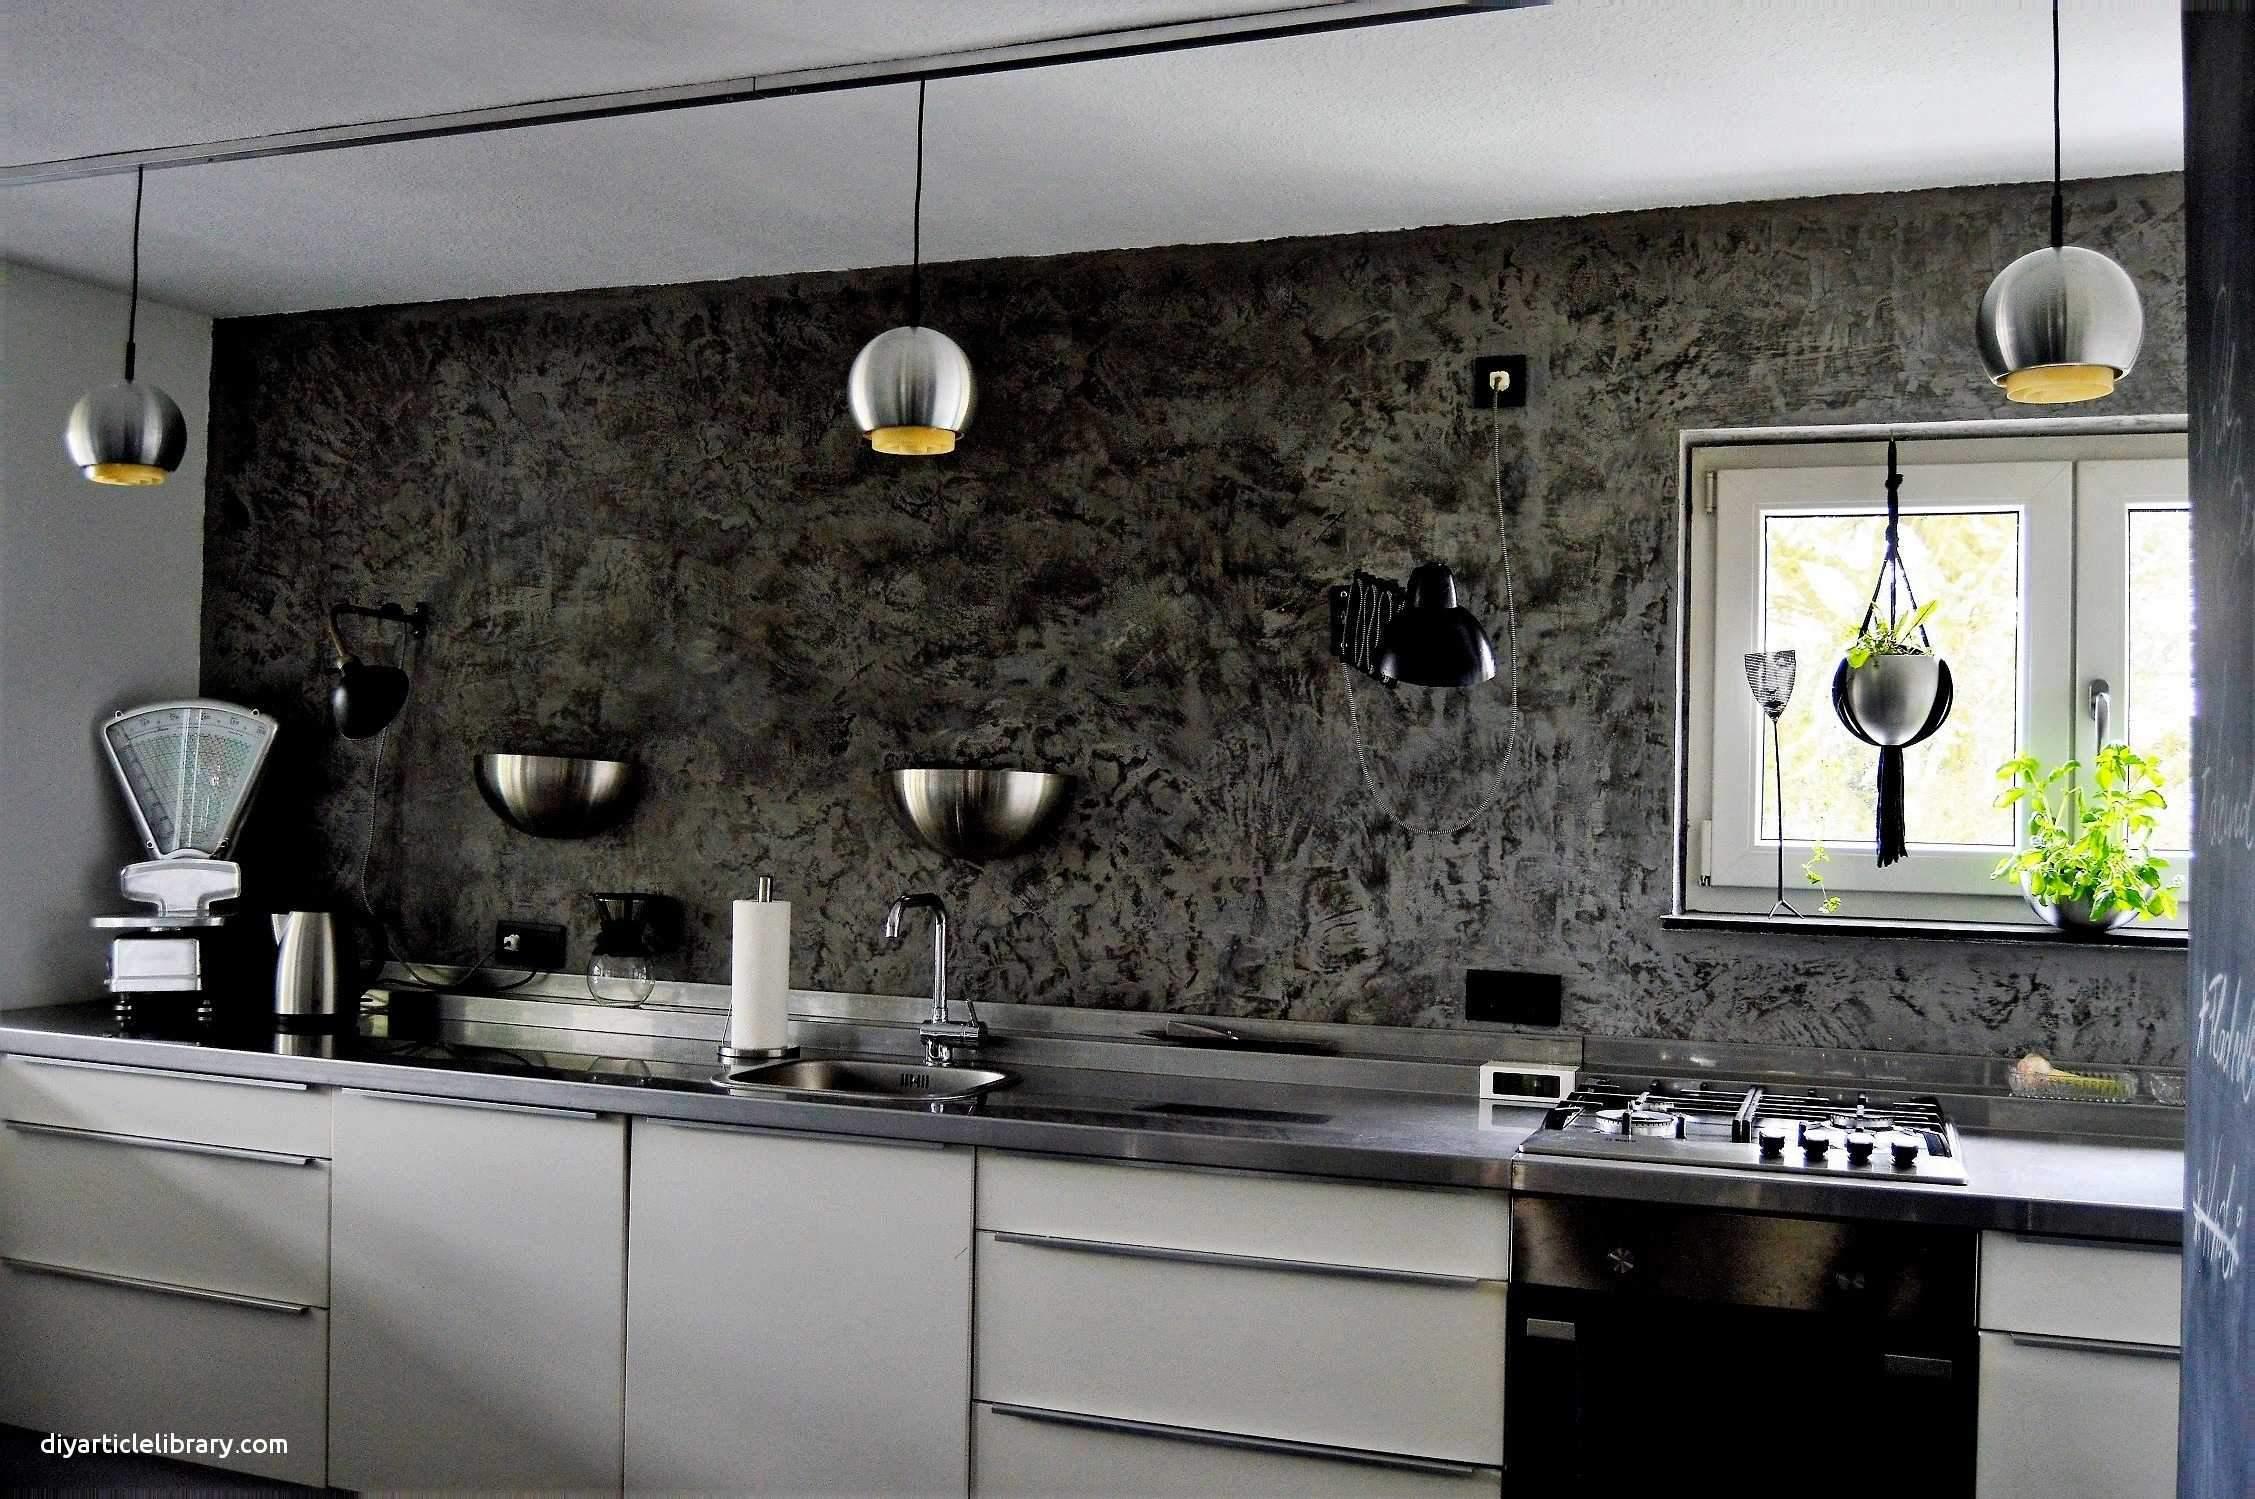 Full Size of Wohnzimmer Mit Küche Schön 37 Oben Von Von Fene Küche Mit Wohnzimmer Planen Küche Küche Planen